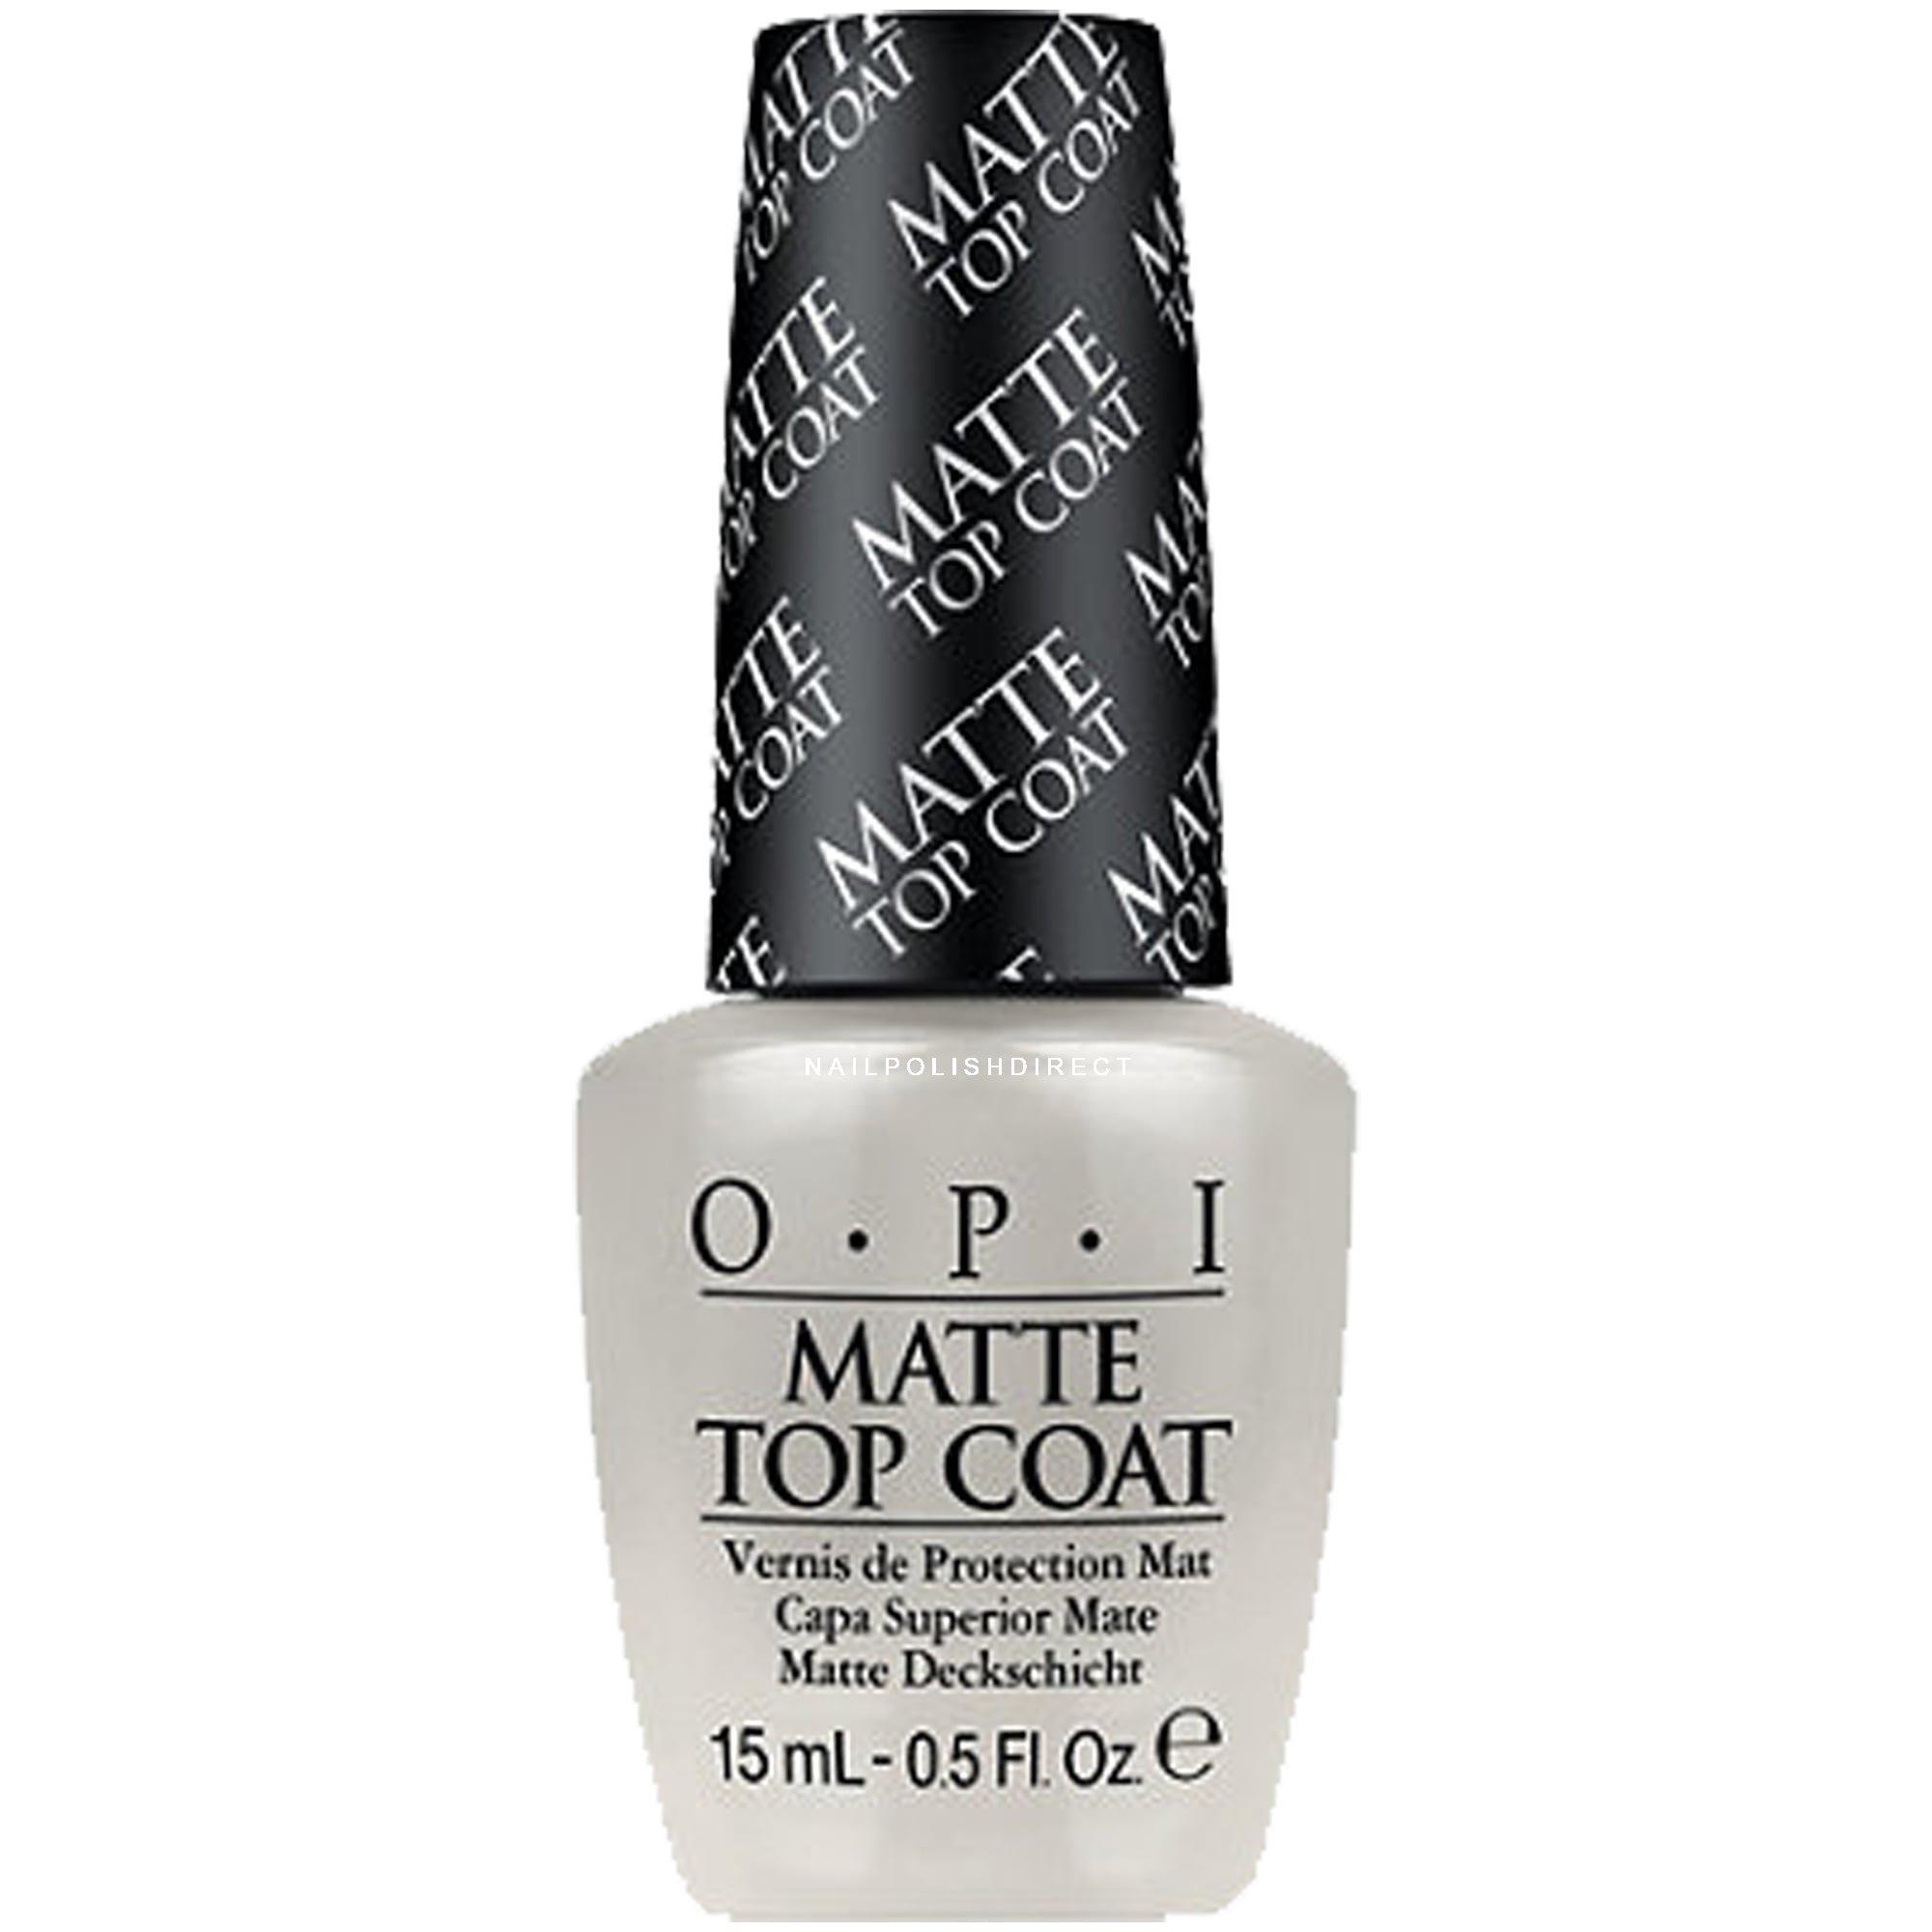 Opi Matte Nail Polish Top Coat Nt T35 15ml Nail Polish Direct